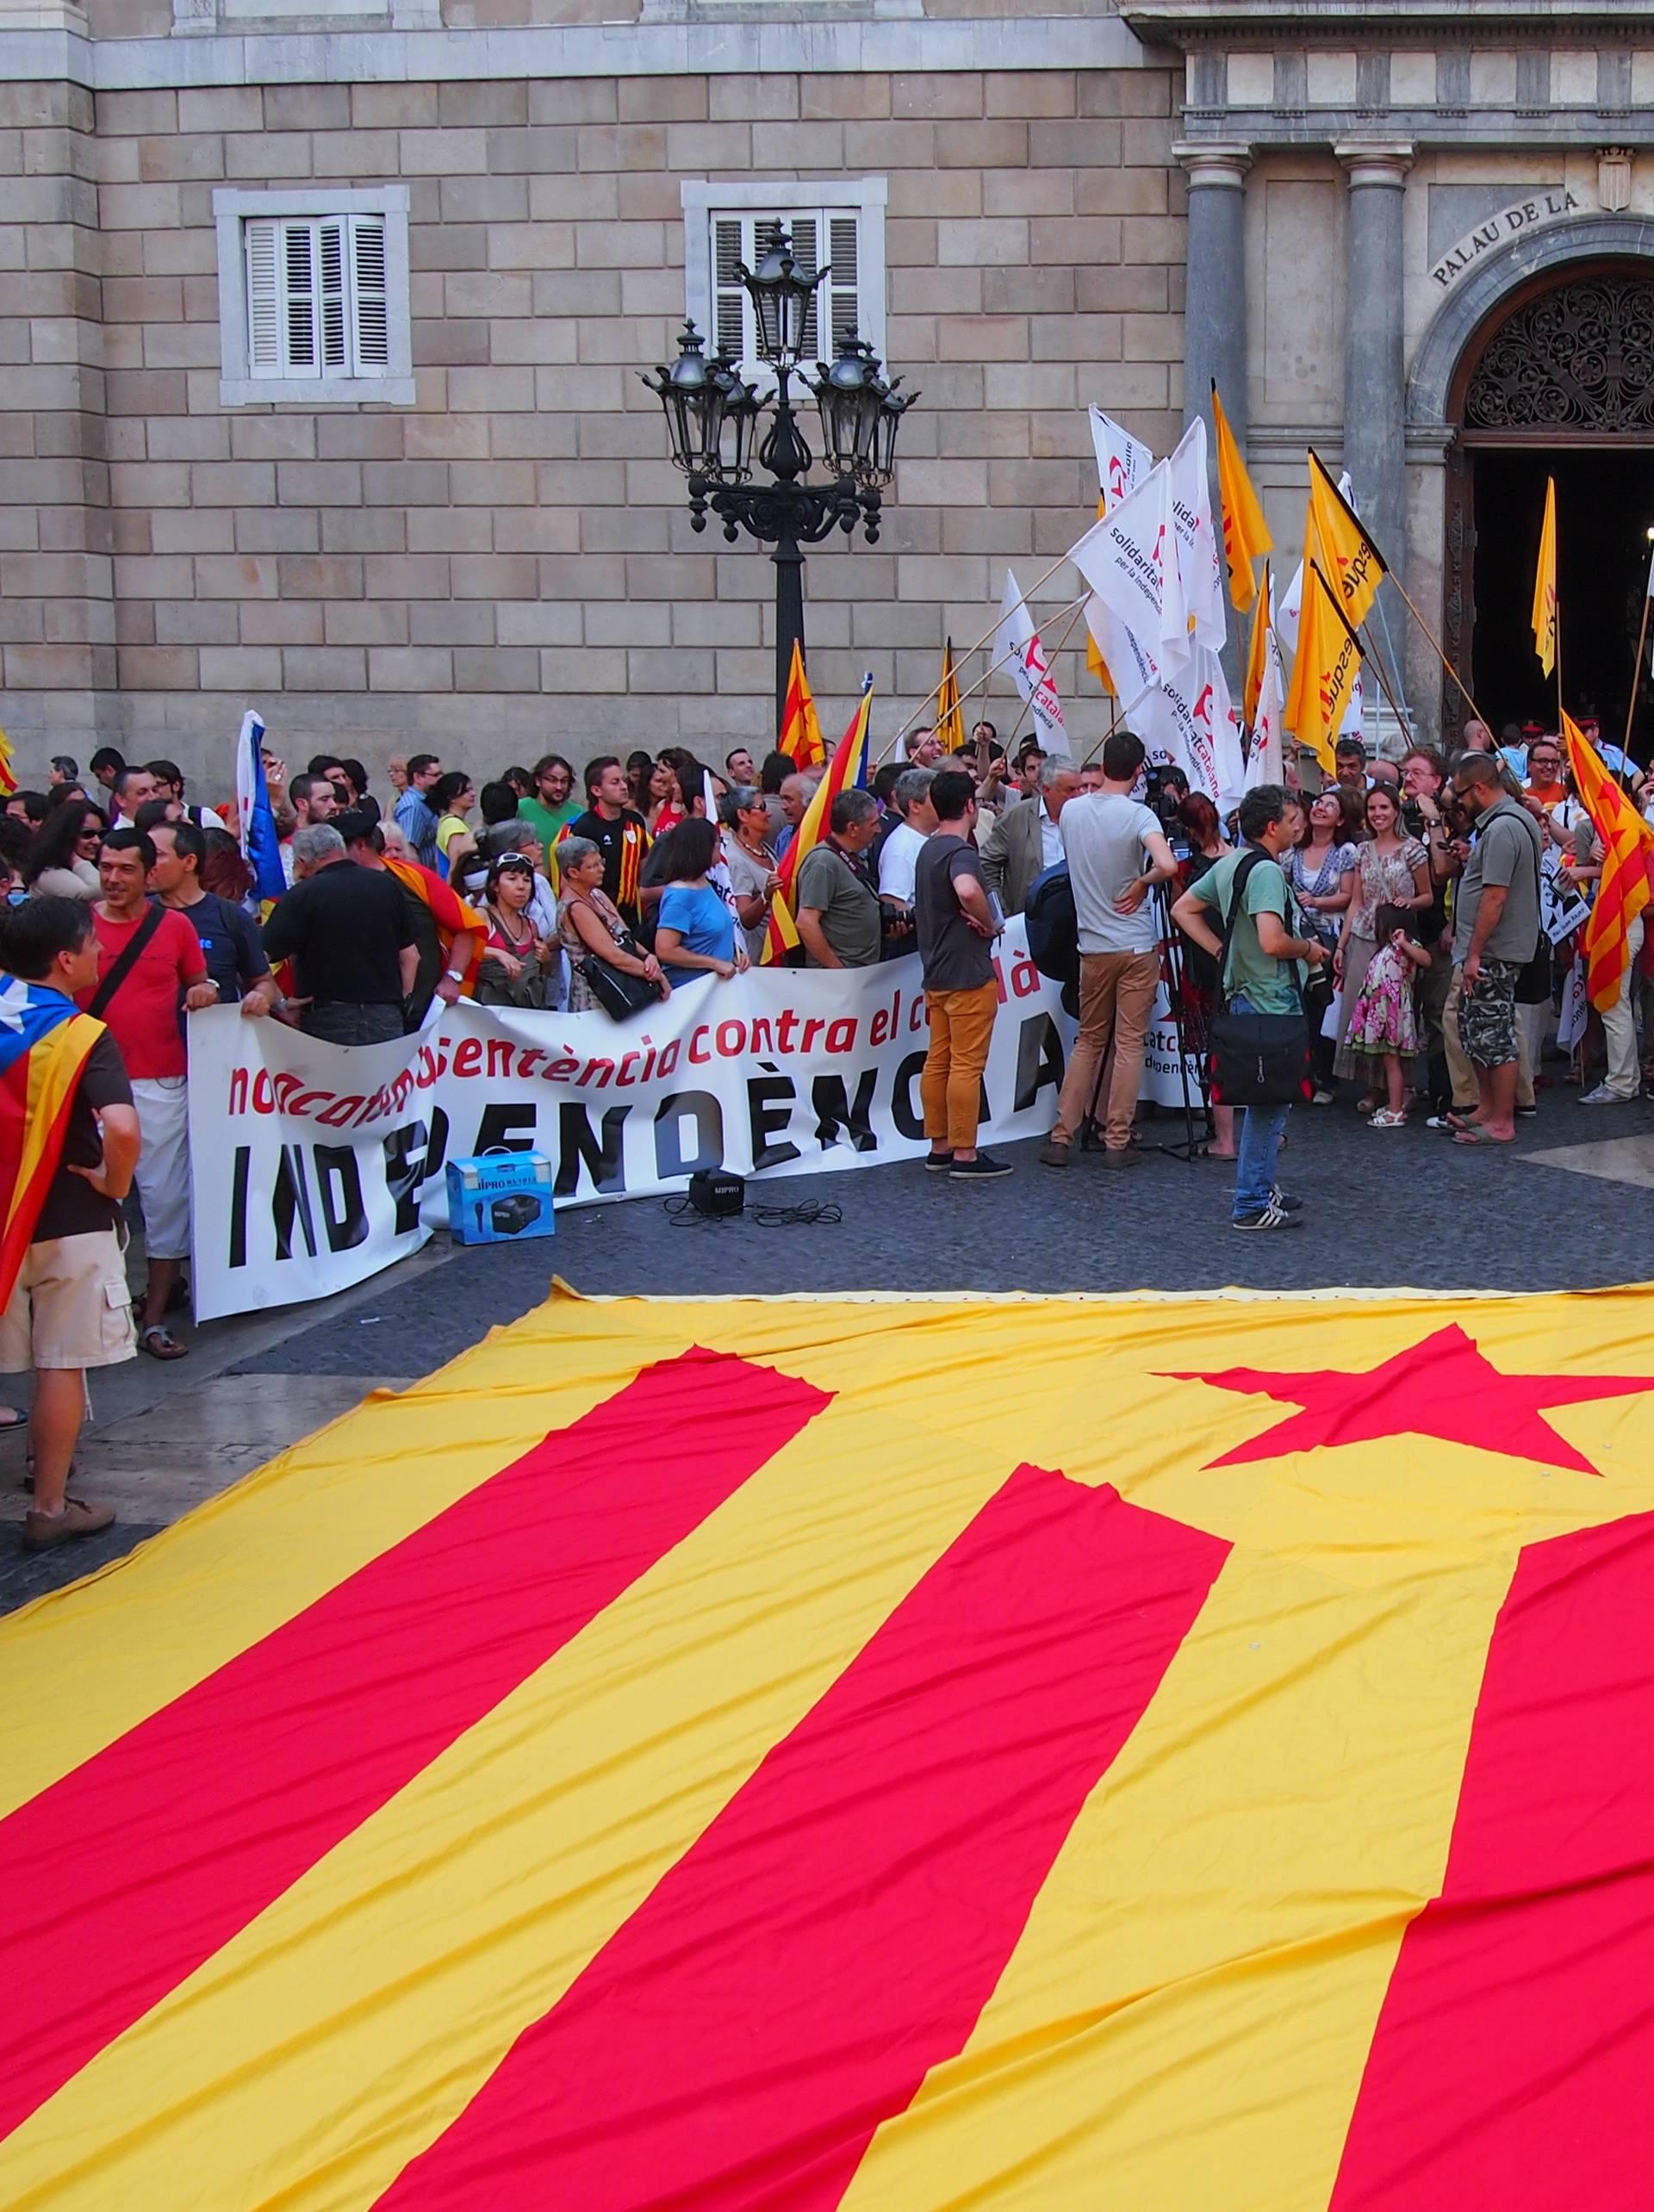 Kataloncima zbog odcjepljenja prijeti i do 15 godina zatvora